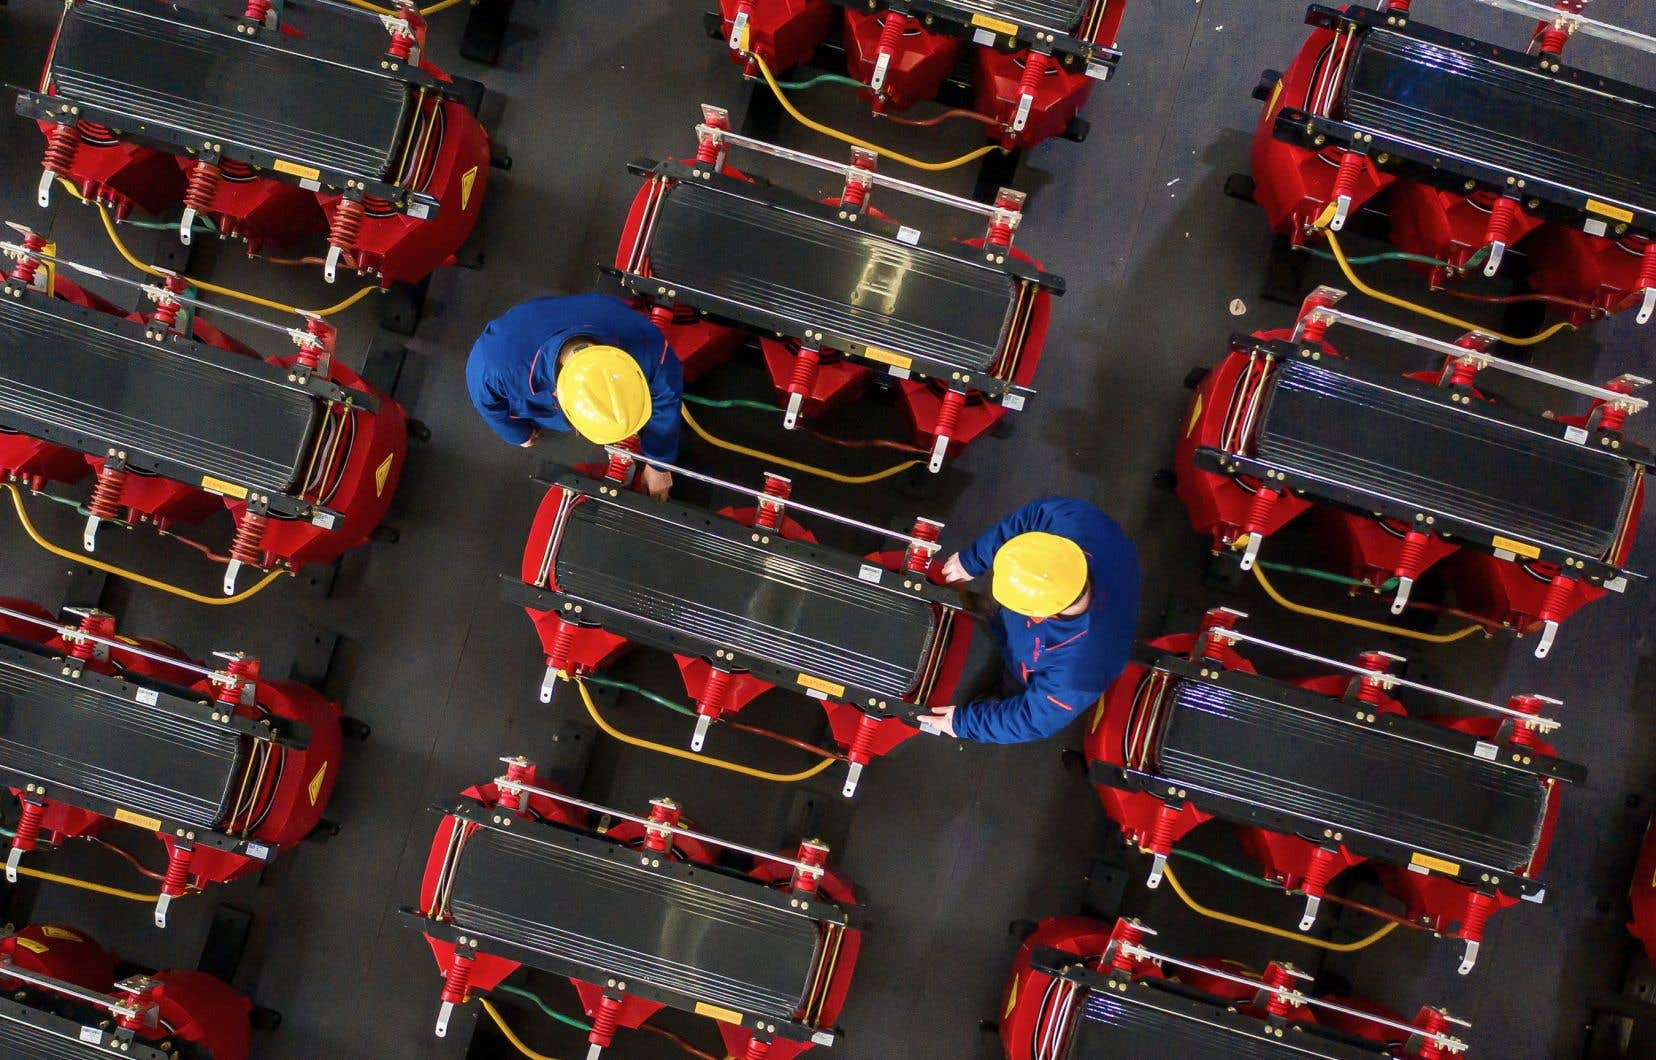 «En imputant à la Chine l'ensemble de la valeur des exportations, on exagère les exportations chinoises, dont notre dépendance commerciale envers ce pays», écrit l'auteur.